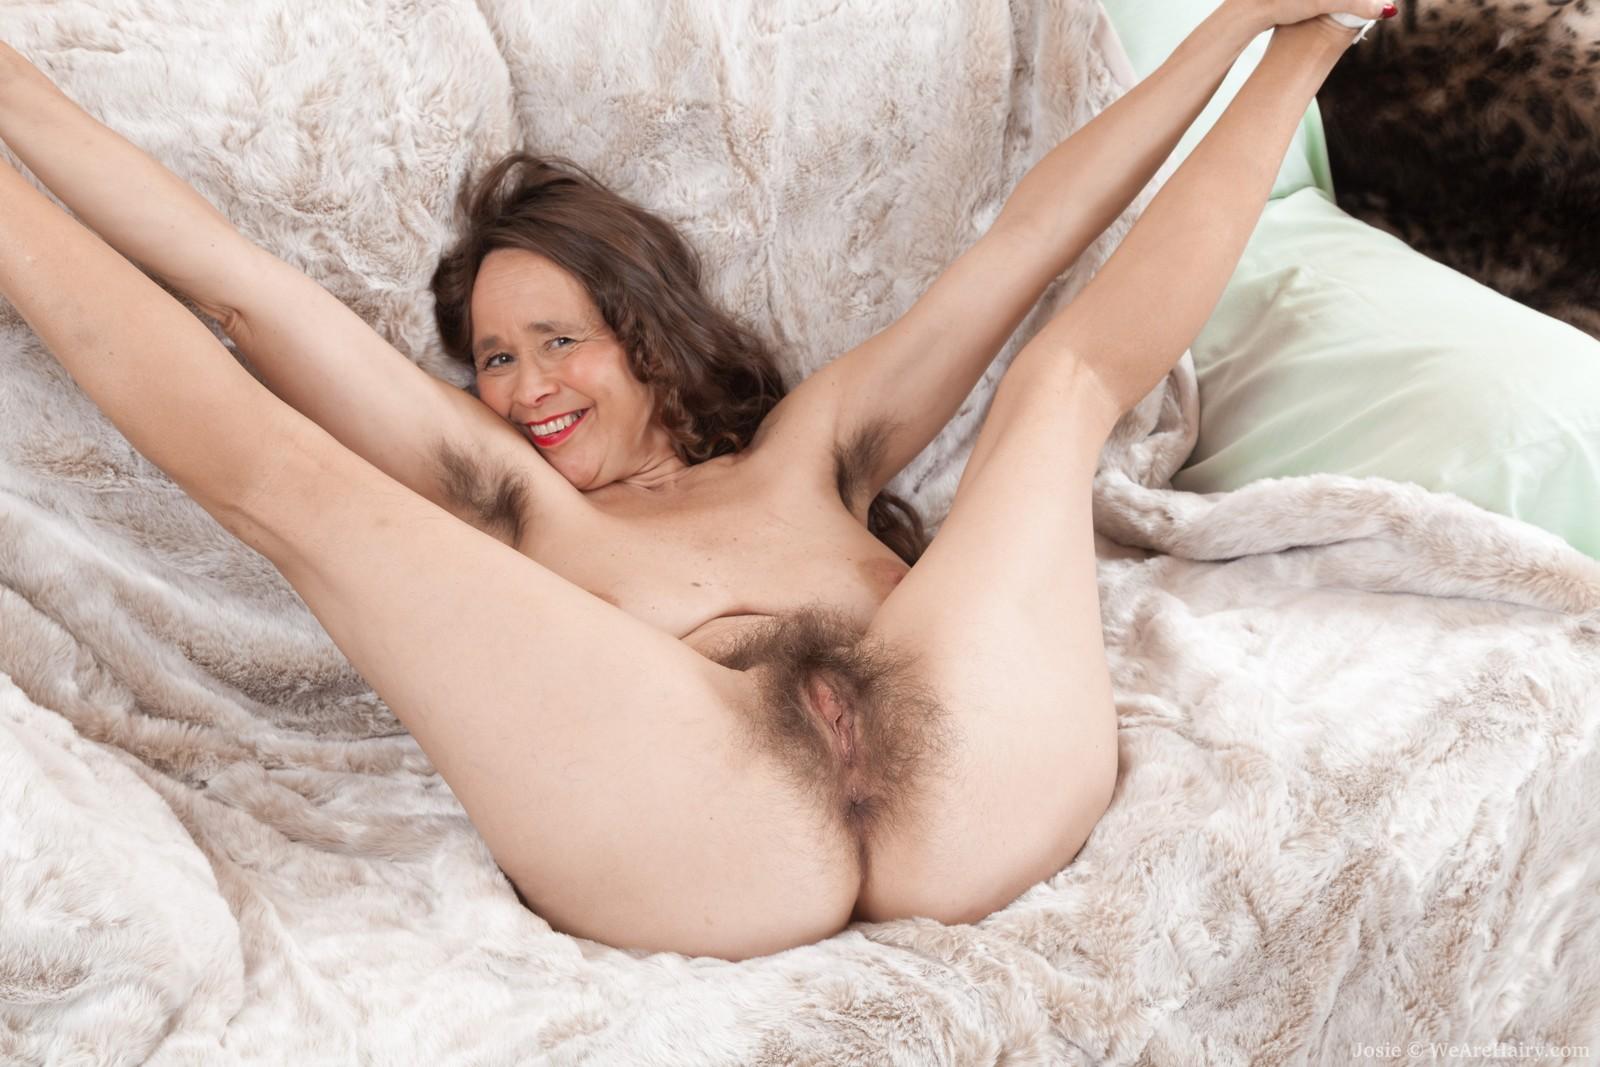 Супер волосатые фото пизды, Волосатая пизда: порно фото на Возбуждает! 7 фотография